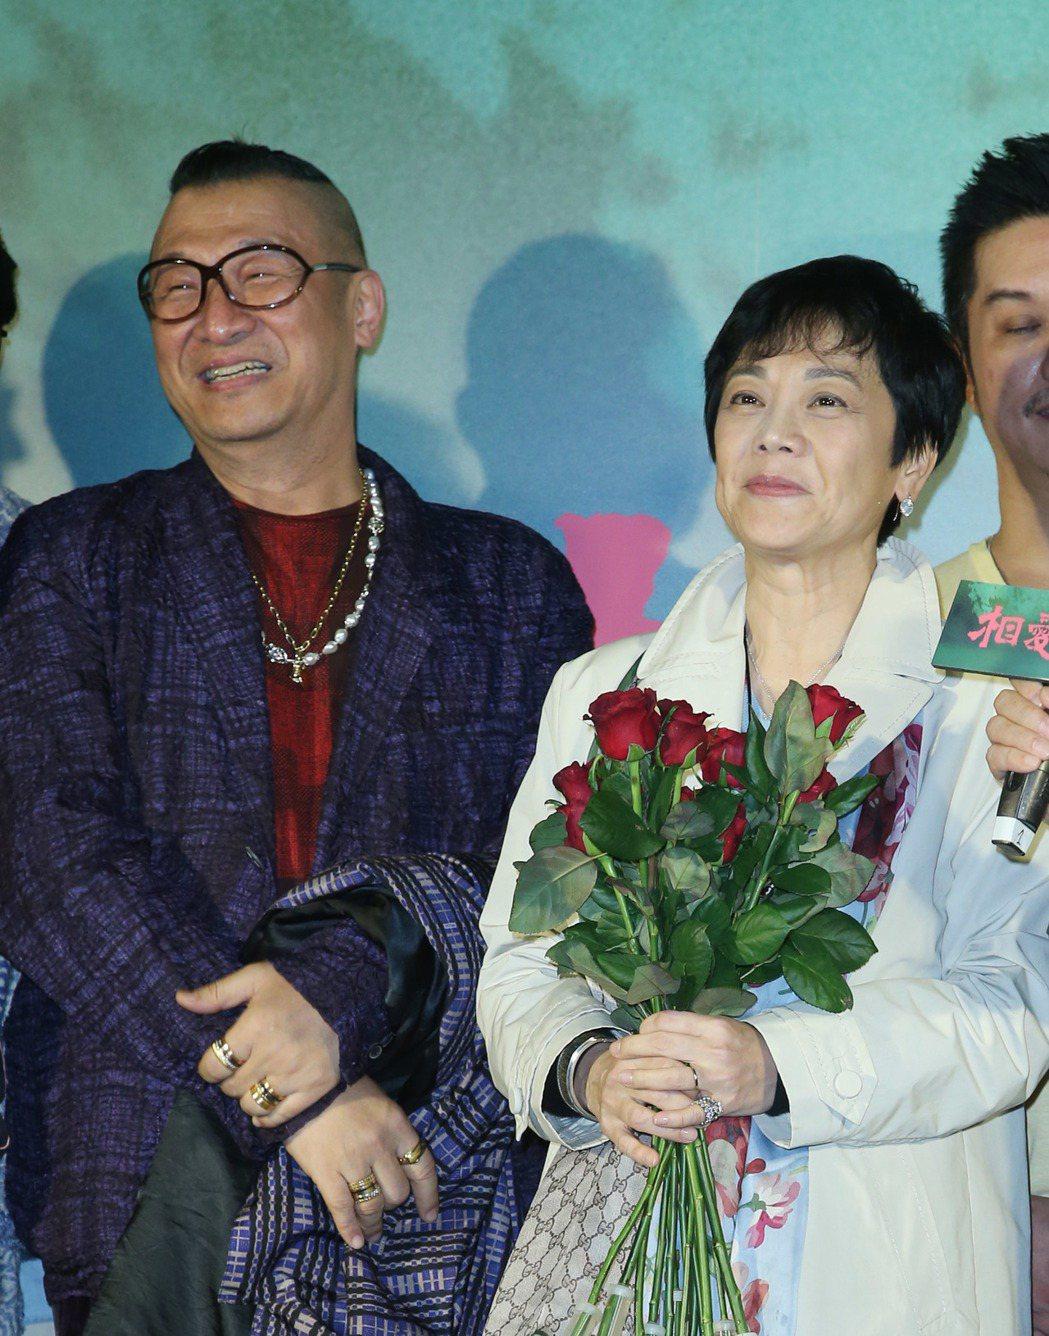 張艾嘉(右)執導的電影「相愛相親」,舉辦男人之夜首映場,好友洪偉明站台。記者陳瑞...